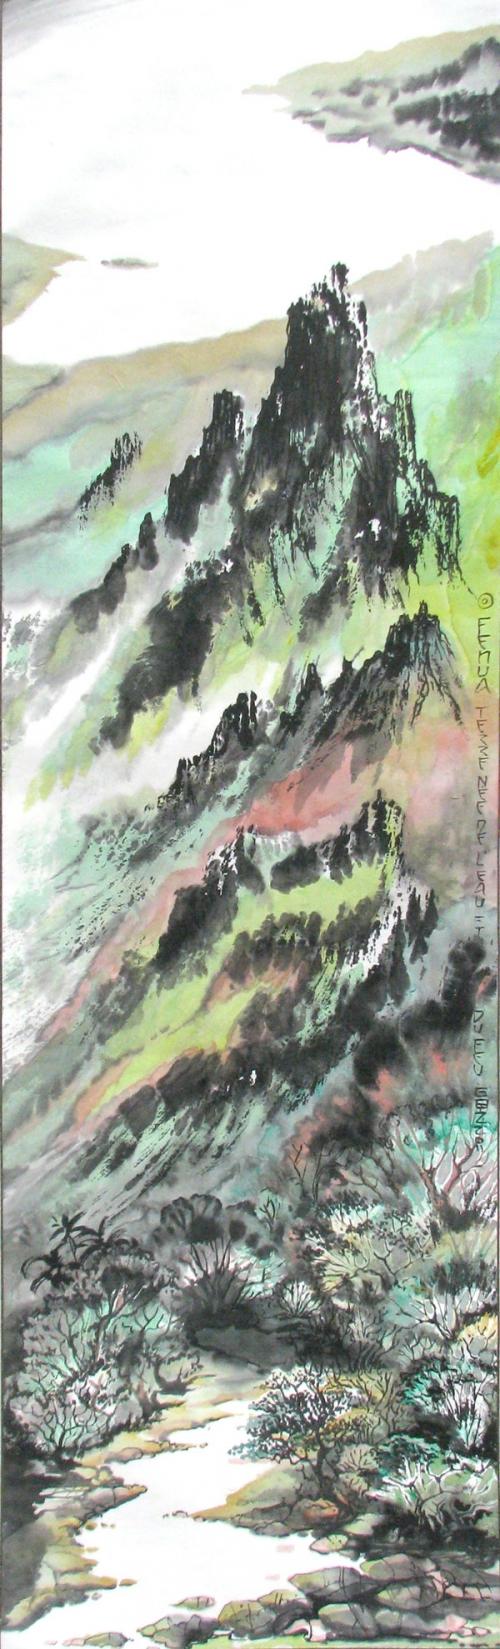 p22-O-Fenua-terre-née-de-l-eau-et-du-feu-34x113--44x167--Gotz-011.jpg